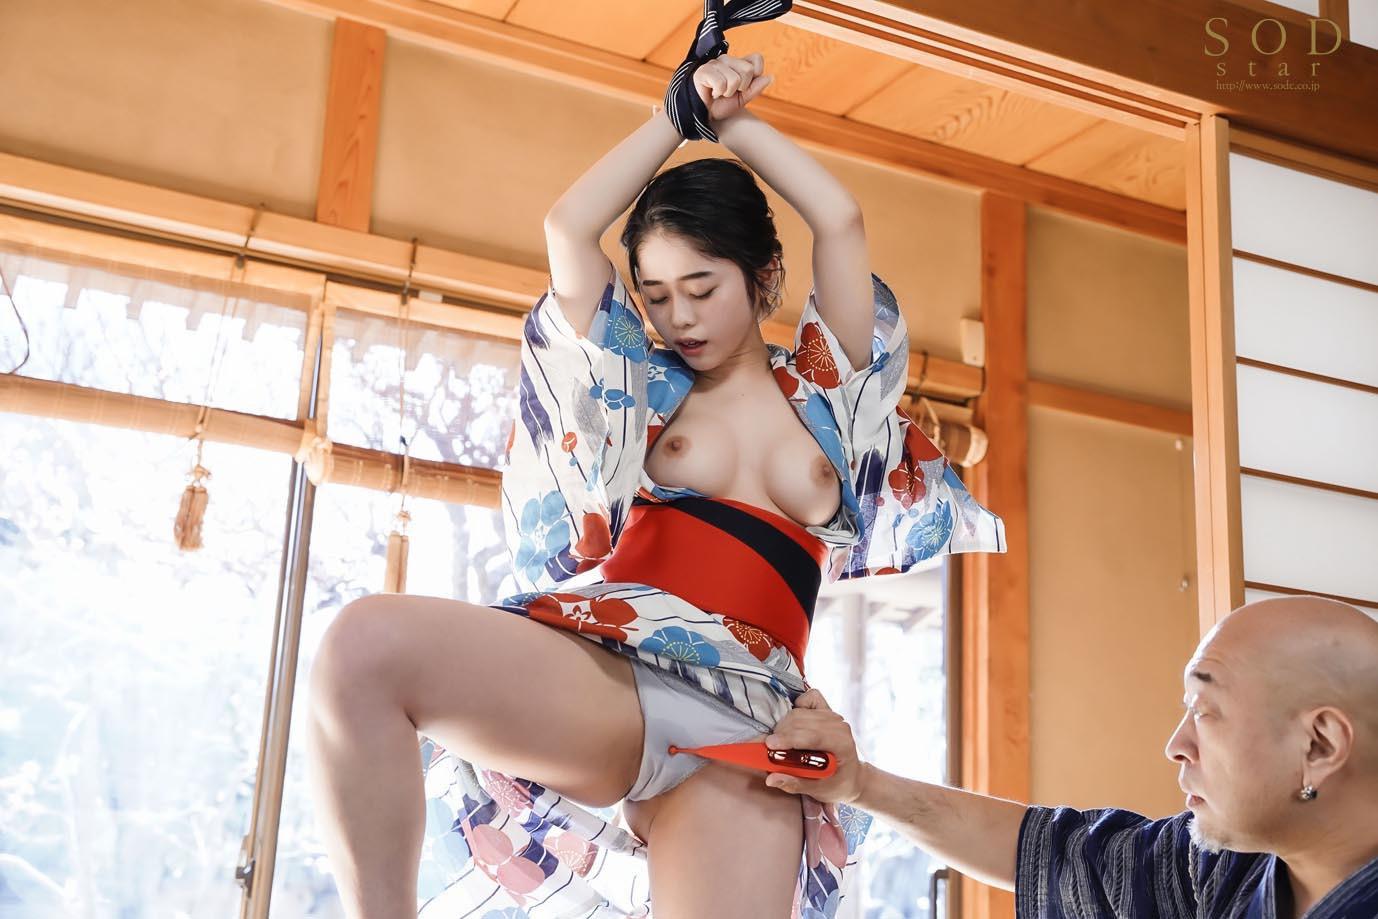 M覚醒。「激しく、責められたい」MINAMO 超大型新人,のサンプル画像3